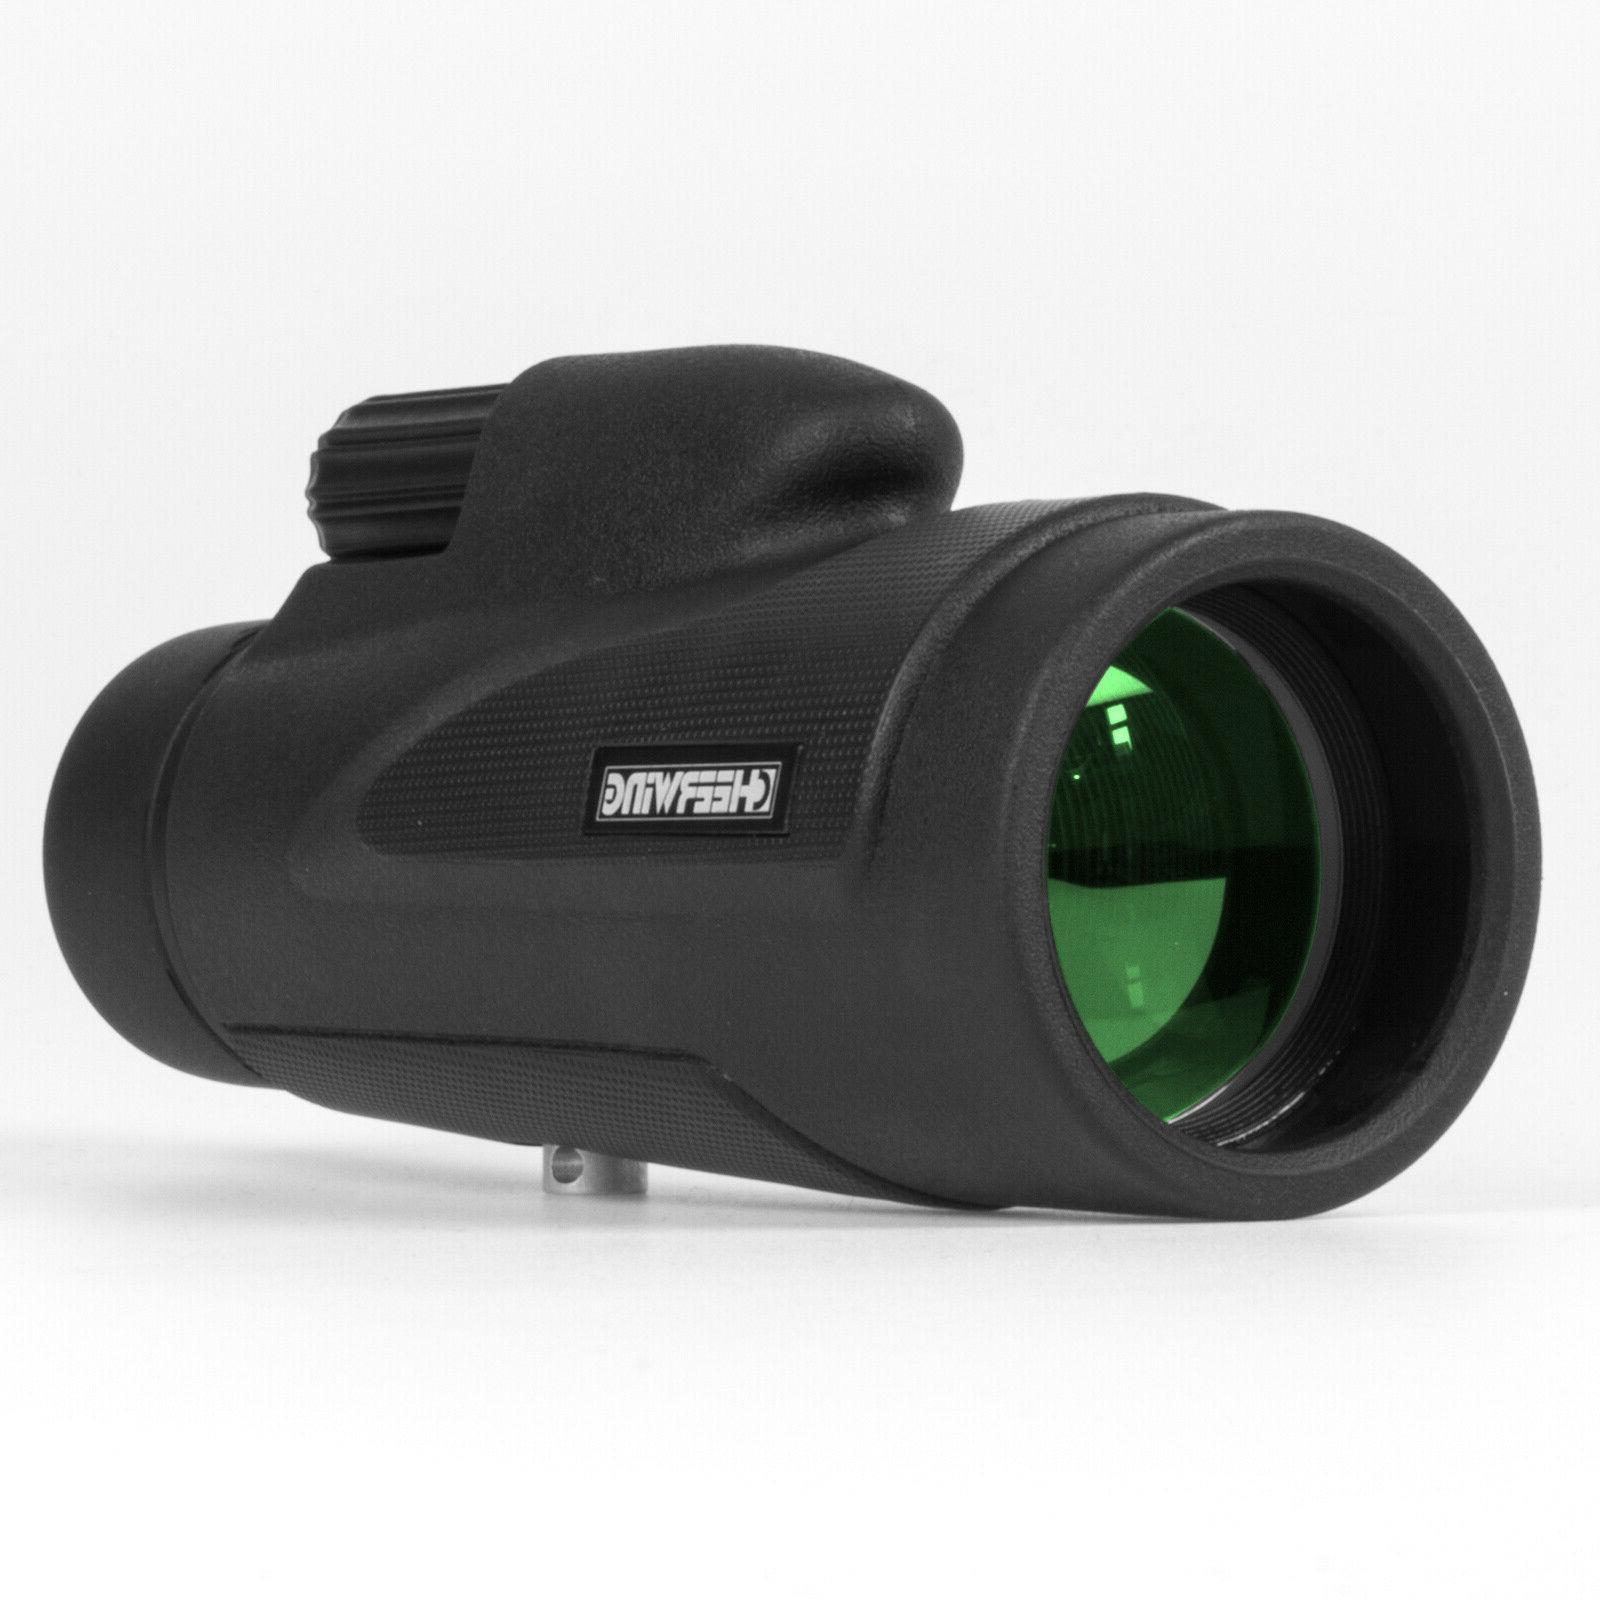 Monocular Vision Hunting Camping Camera